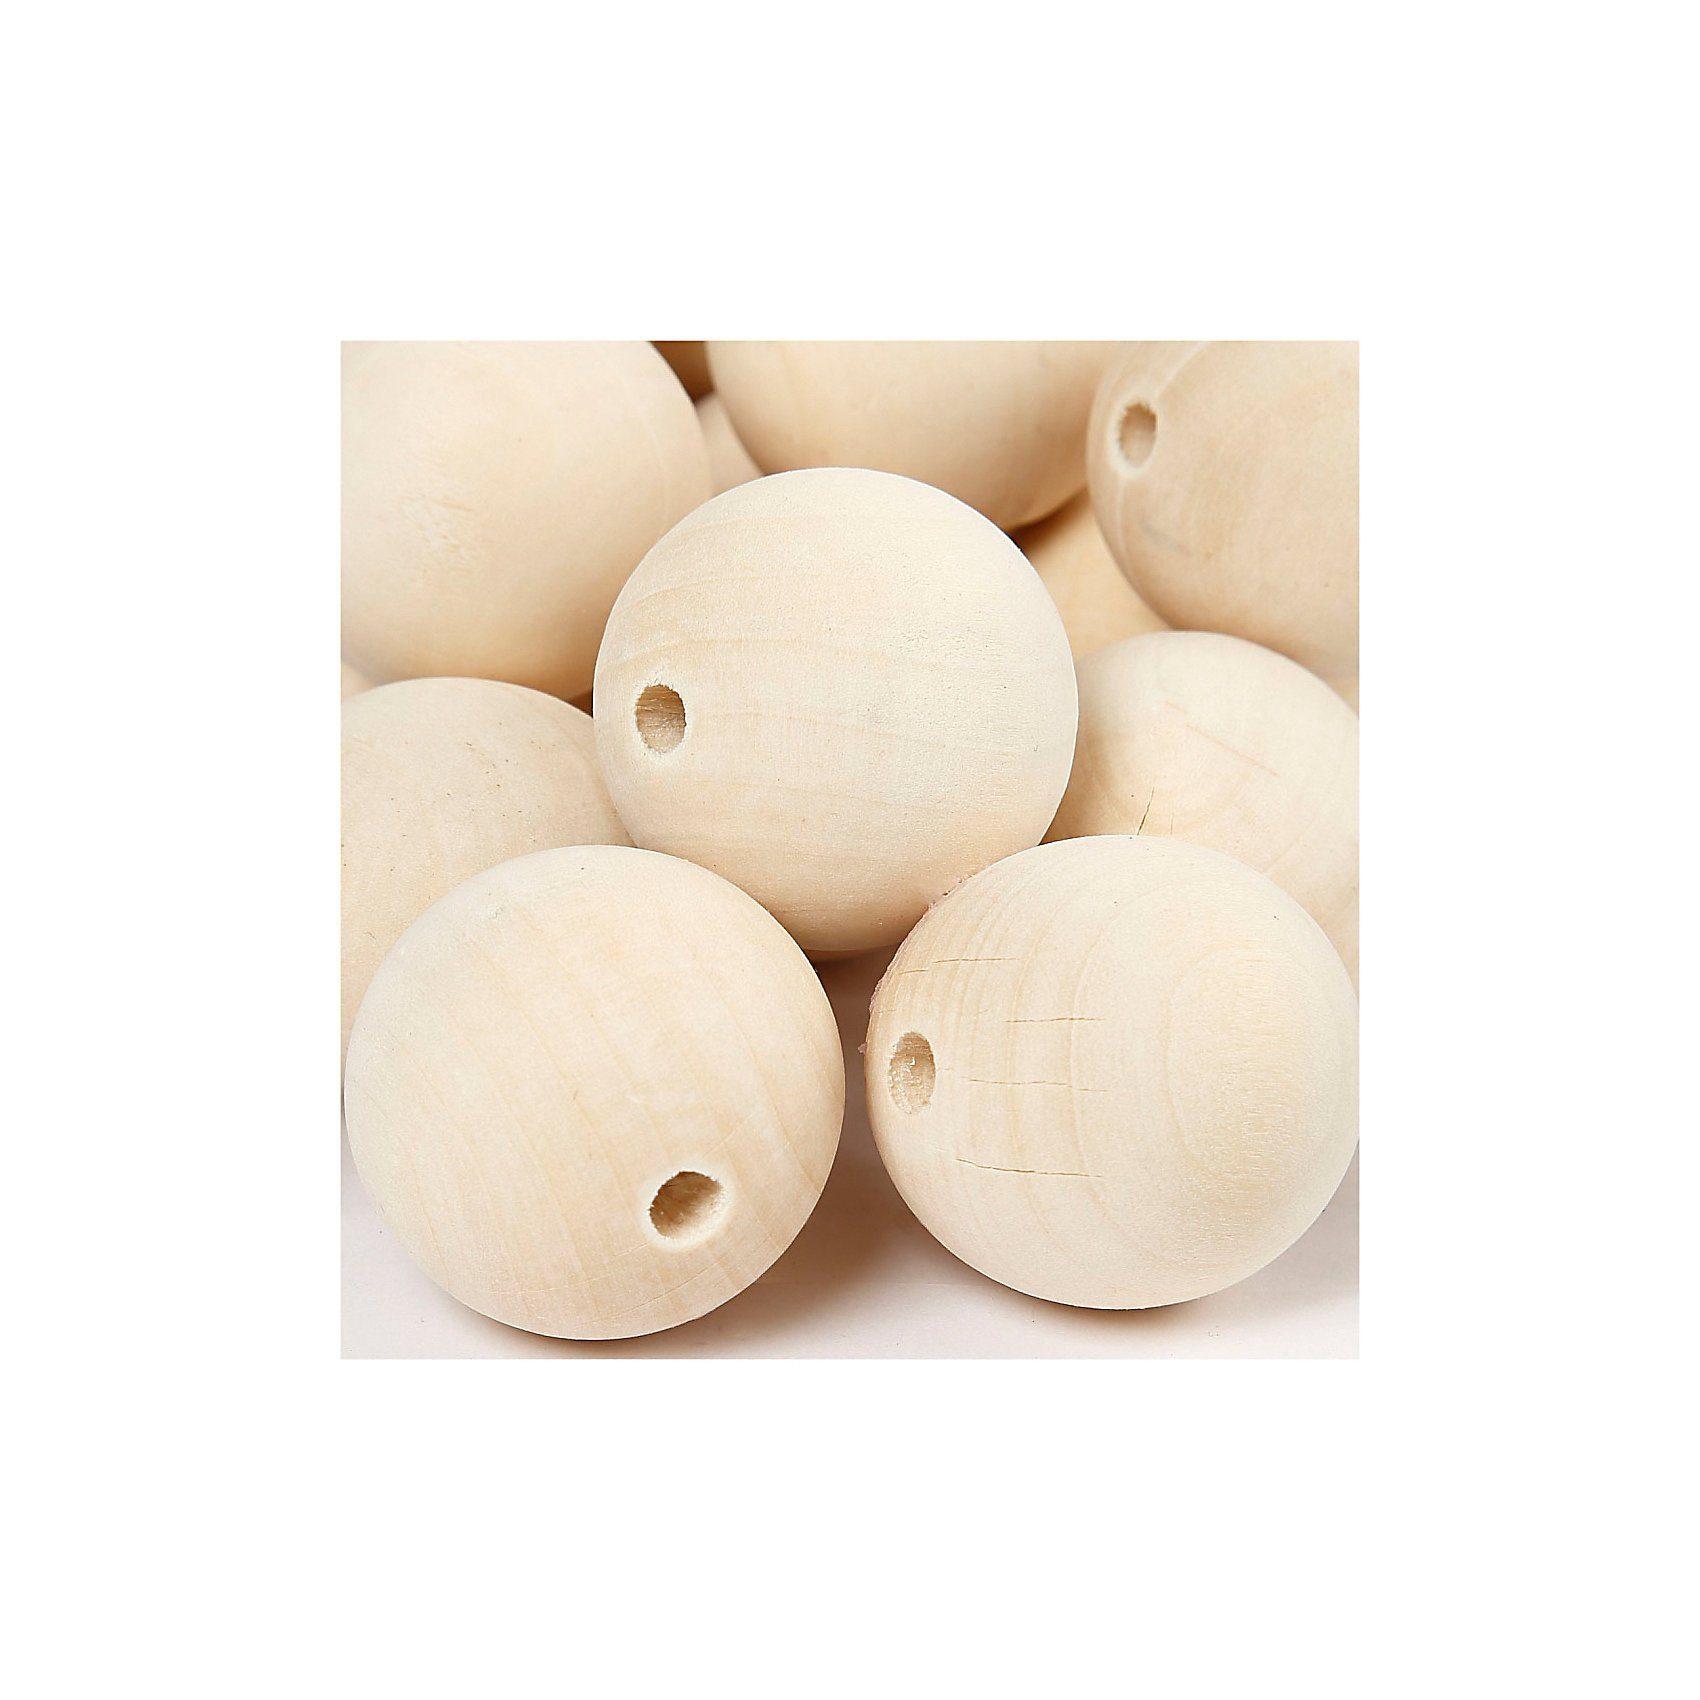 Holzperlen, D: 35 mm, Lochgröße 6 mm, 50 Stck., China berry